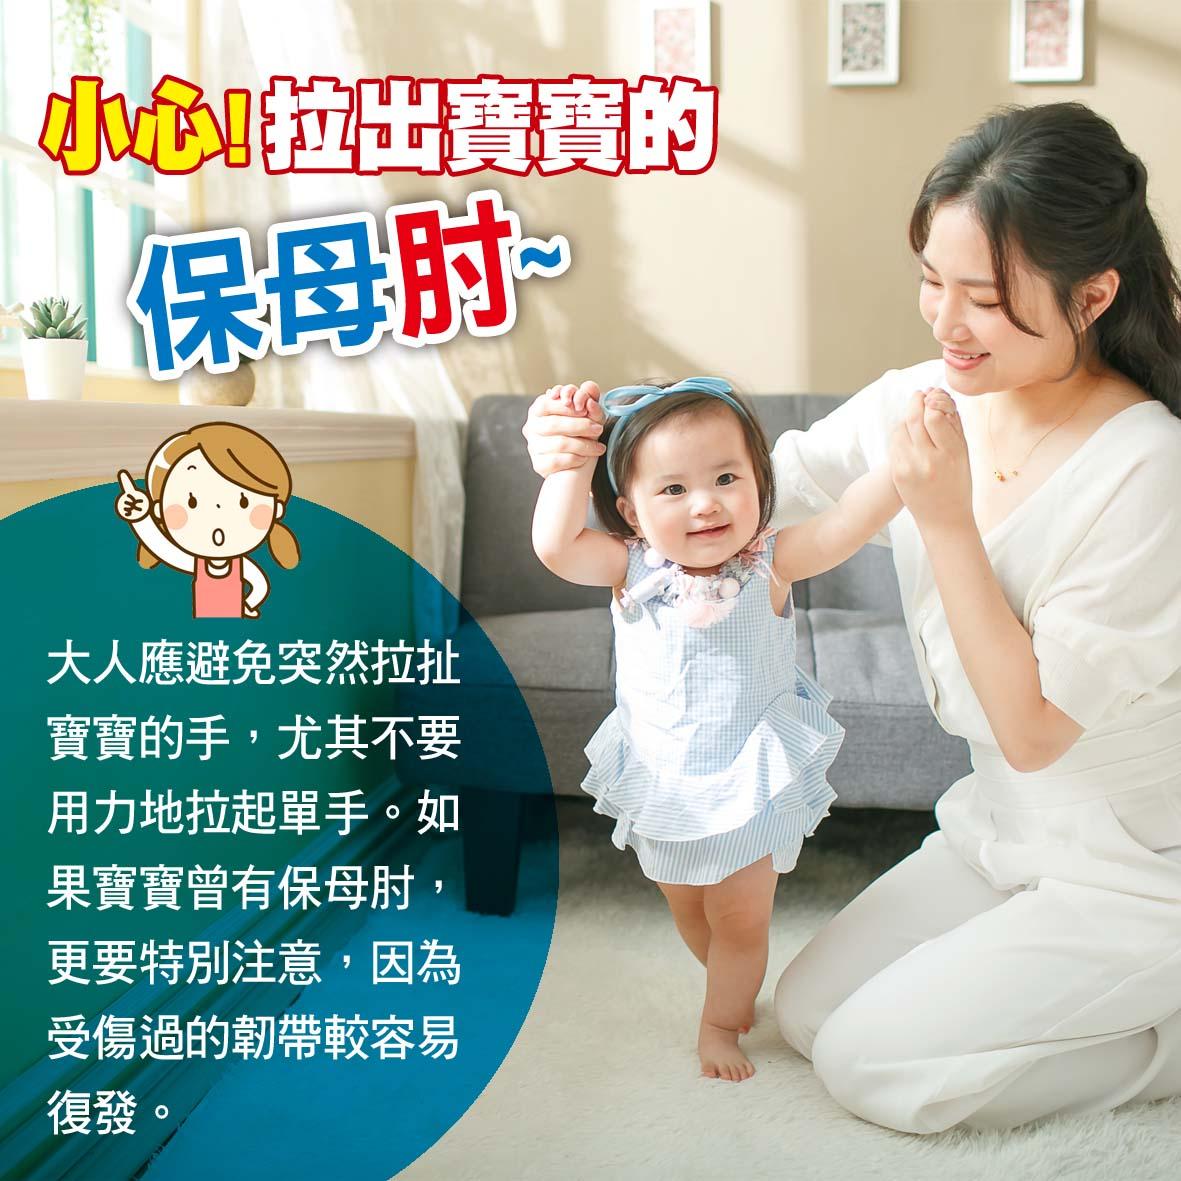 寶寶篇第48週-小心!拉出寶寶的保母肘